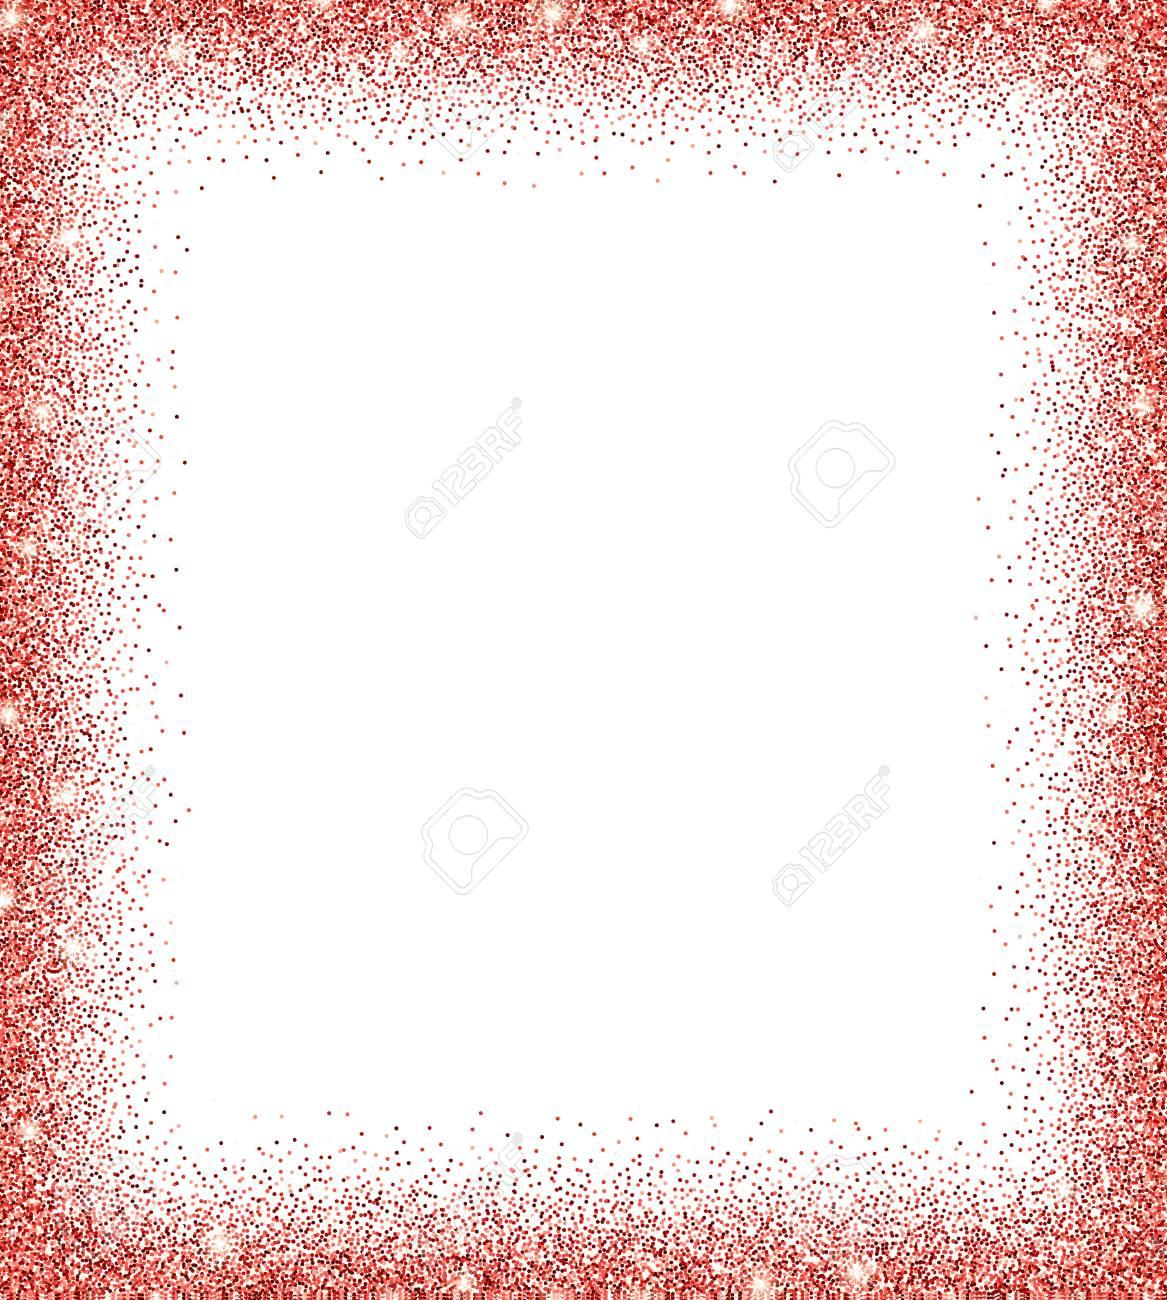 Roter Glitzer Hintergrund. Rot Funkelt Auf Weißem Hintergrund. Kreative  Einladung Für Party, Urlaub